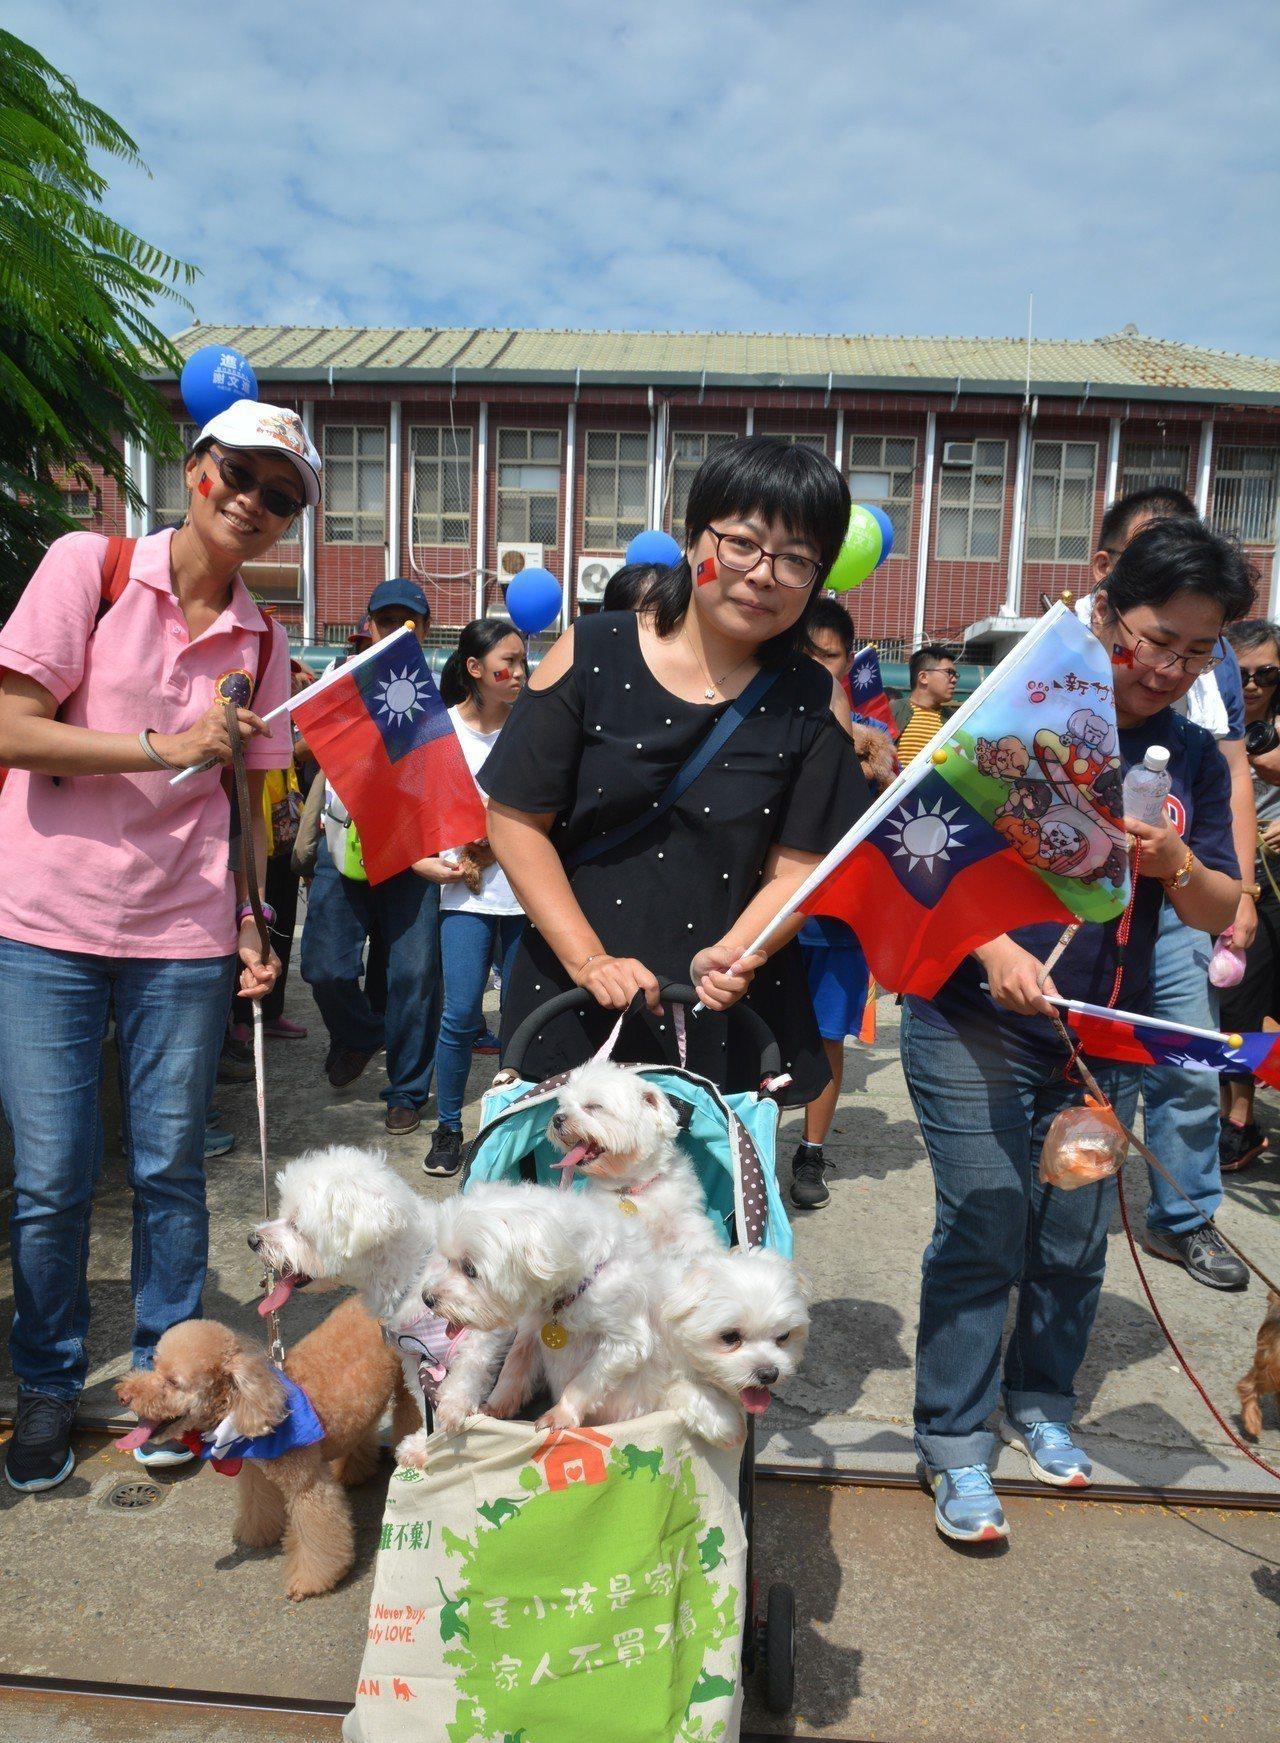 愛護動物團體的狗狗隊也參加新竹市議會舉辦的國慶遊行。記者郭宣彣/攝影